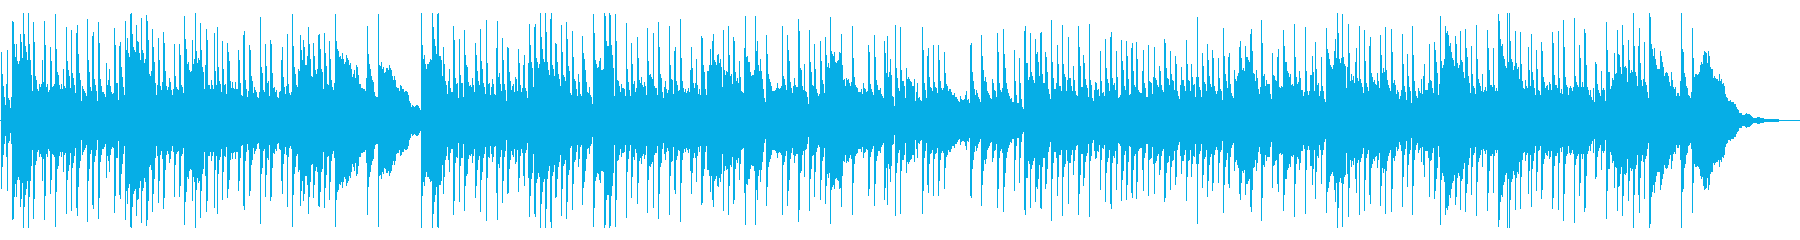 三線と沖縄民謡の再生済みの波形